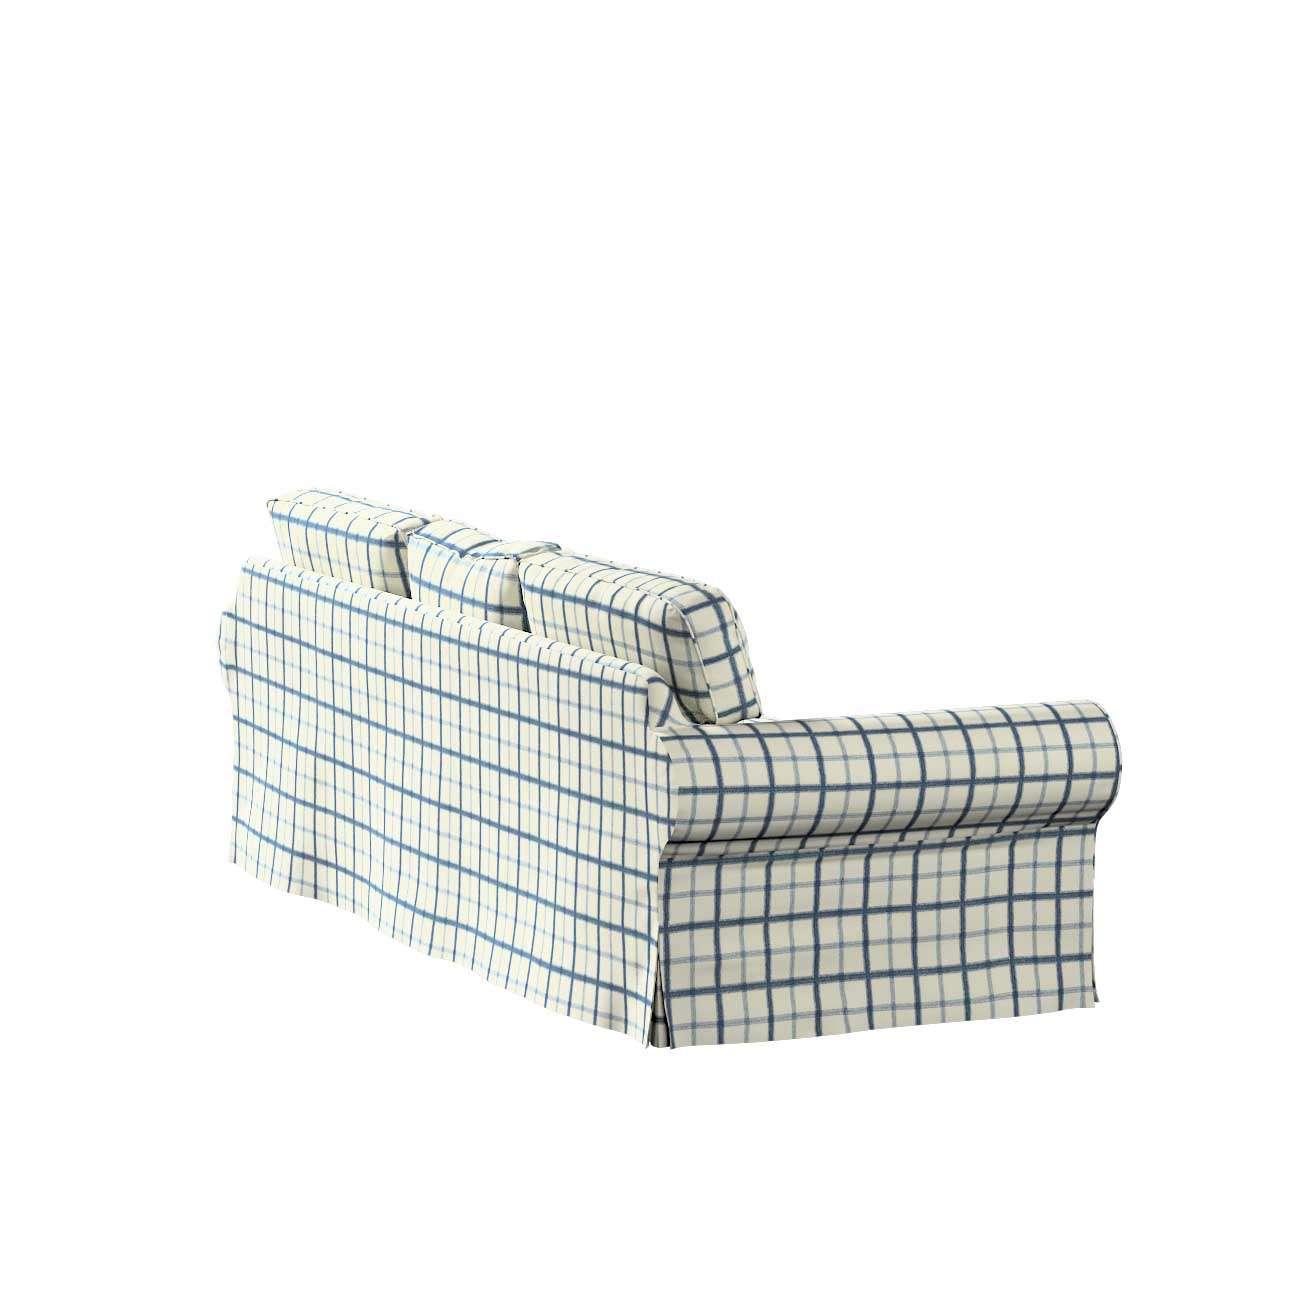 Ektorp 3-Sitzer Sofabezug nicht ausklappbar Sofabezug für  Ektorp 3-Sitzer nicht ausklappbar von der Kollektion Avinon, Stoff: 131-66